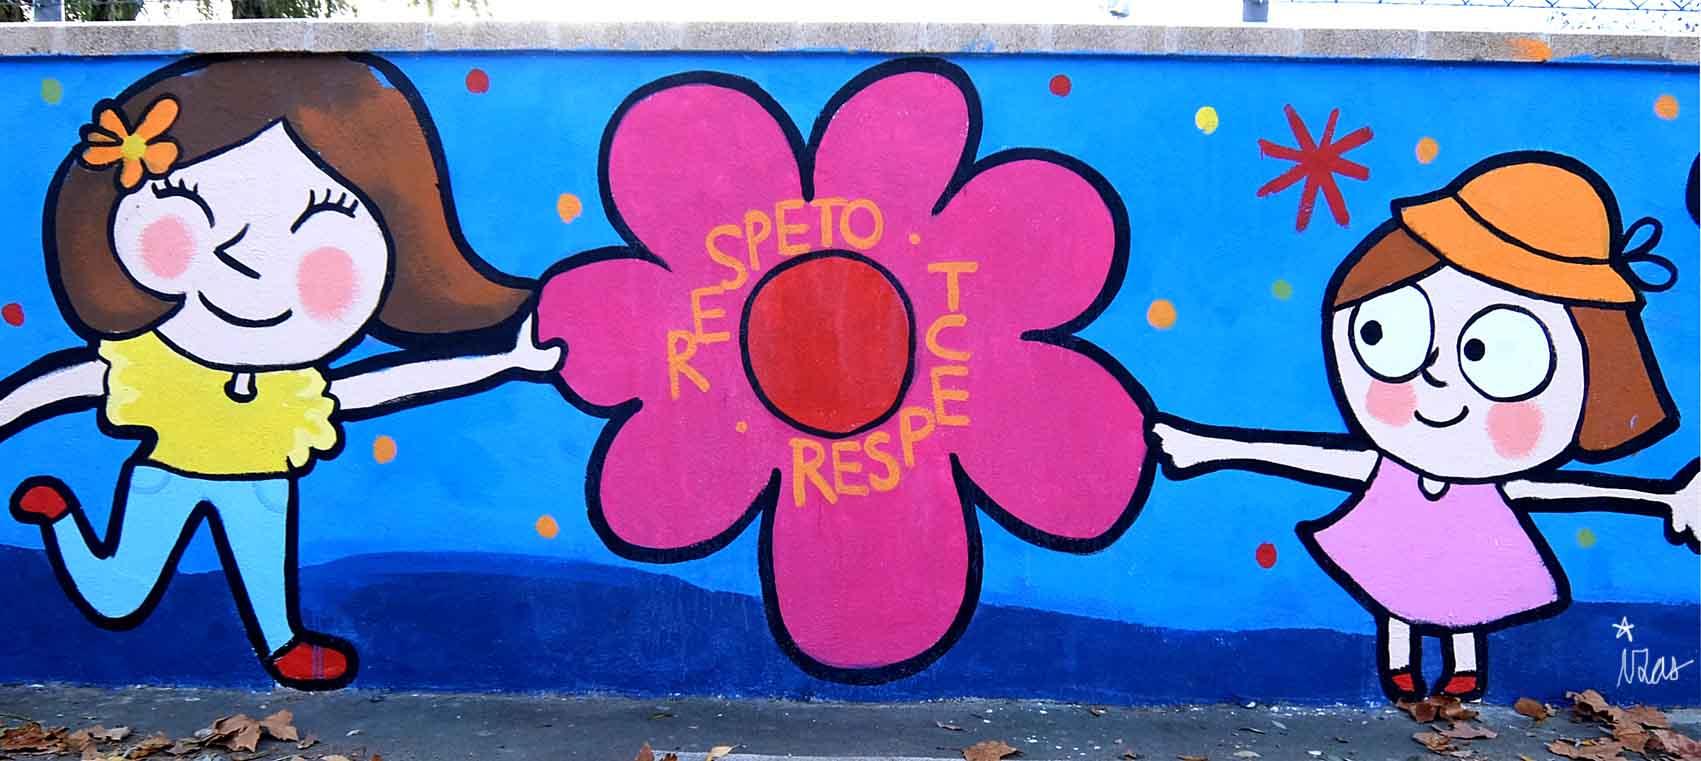 mural izas príncipe de asturias 20